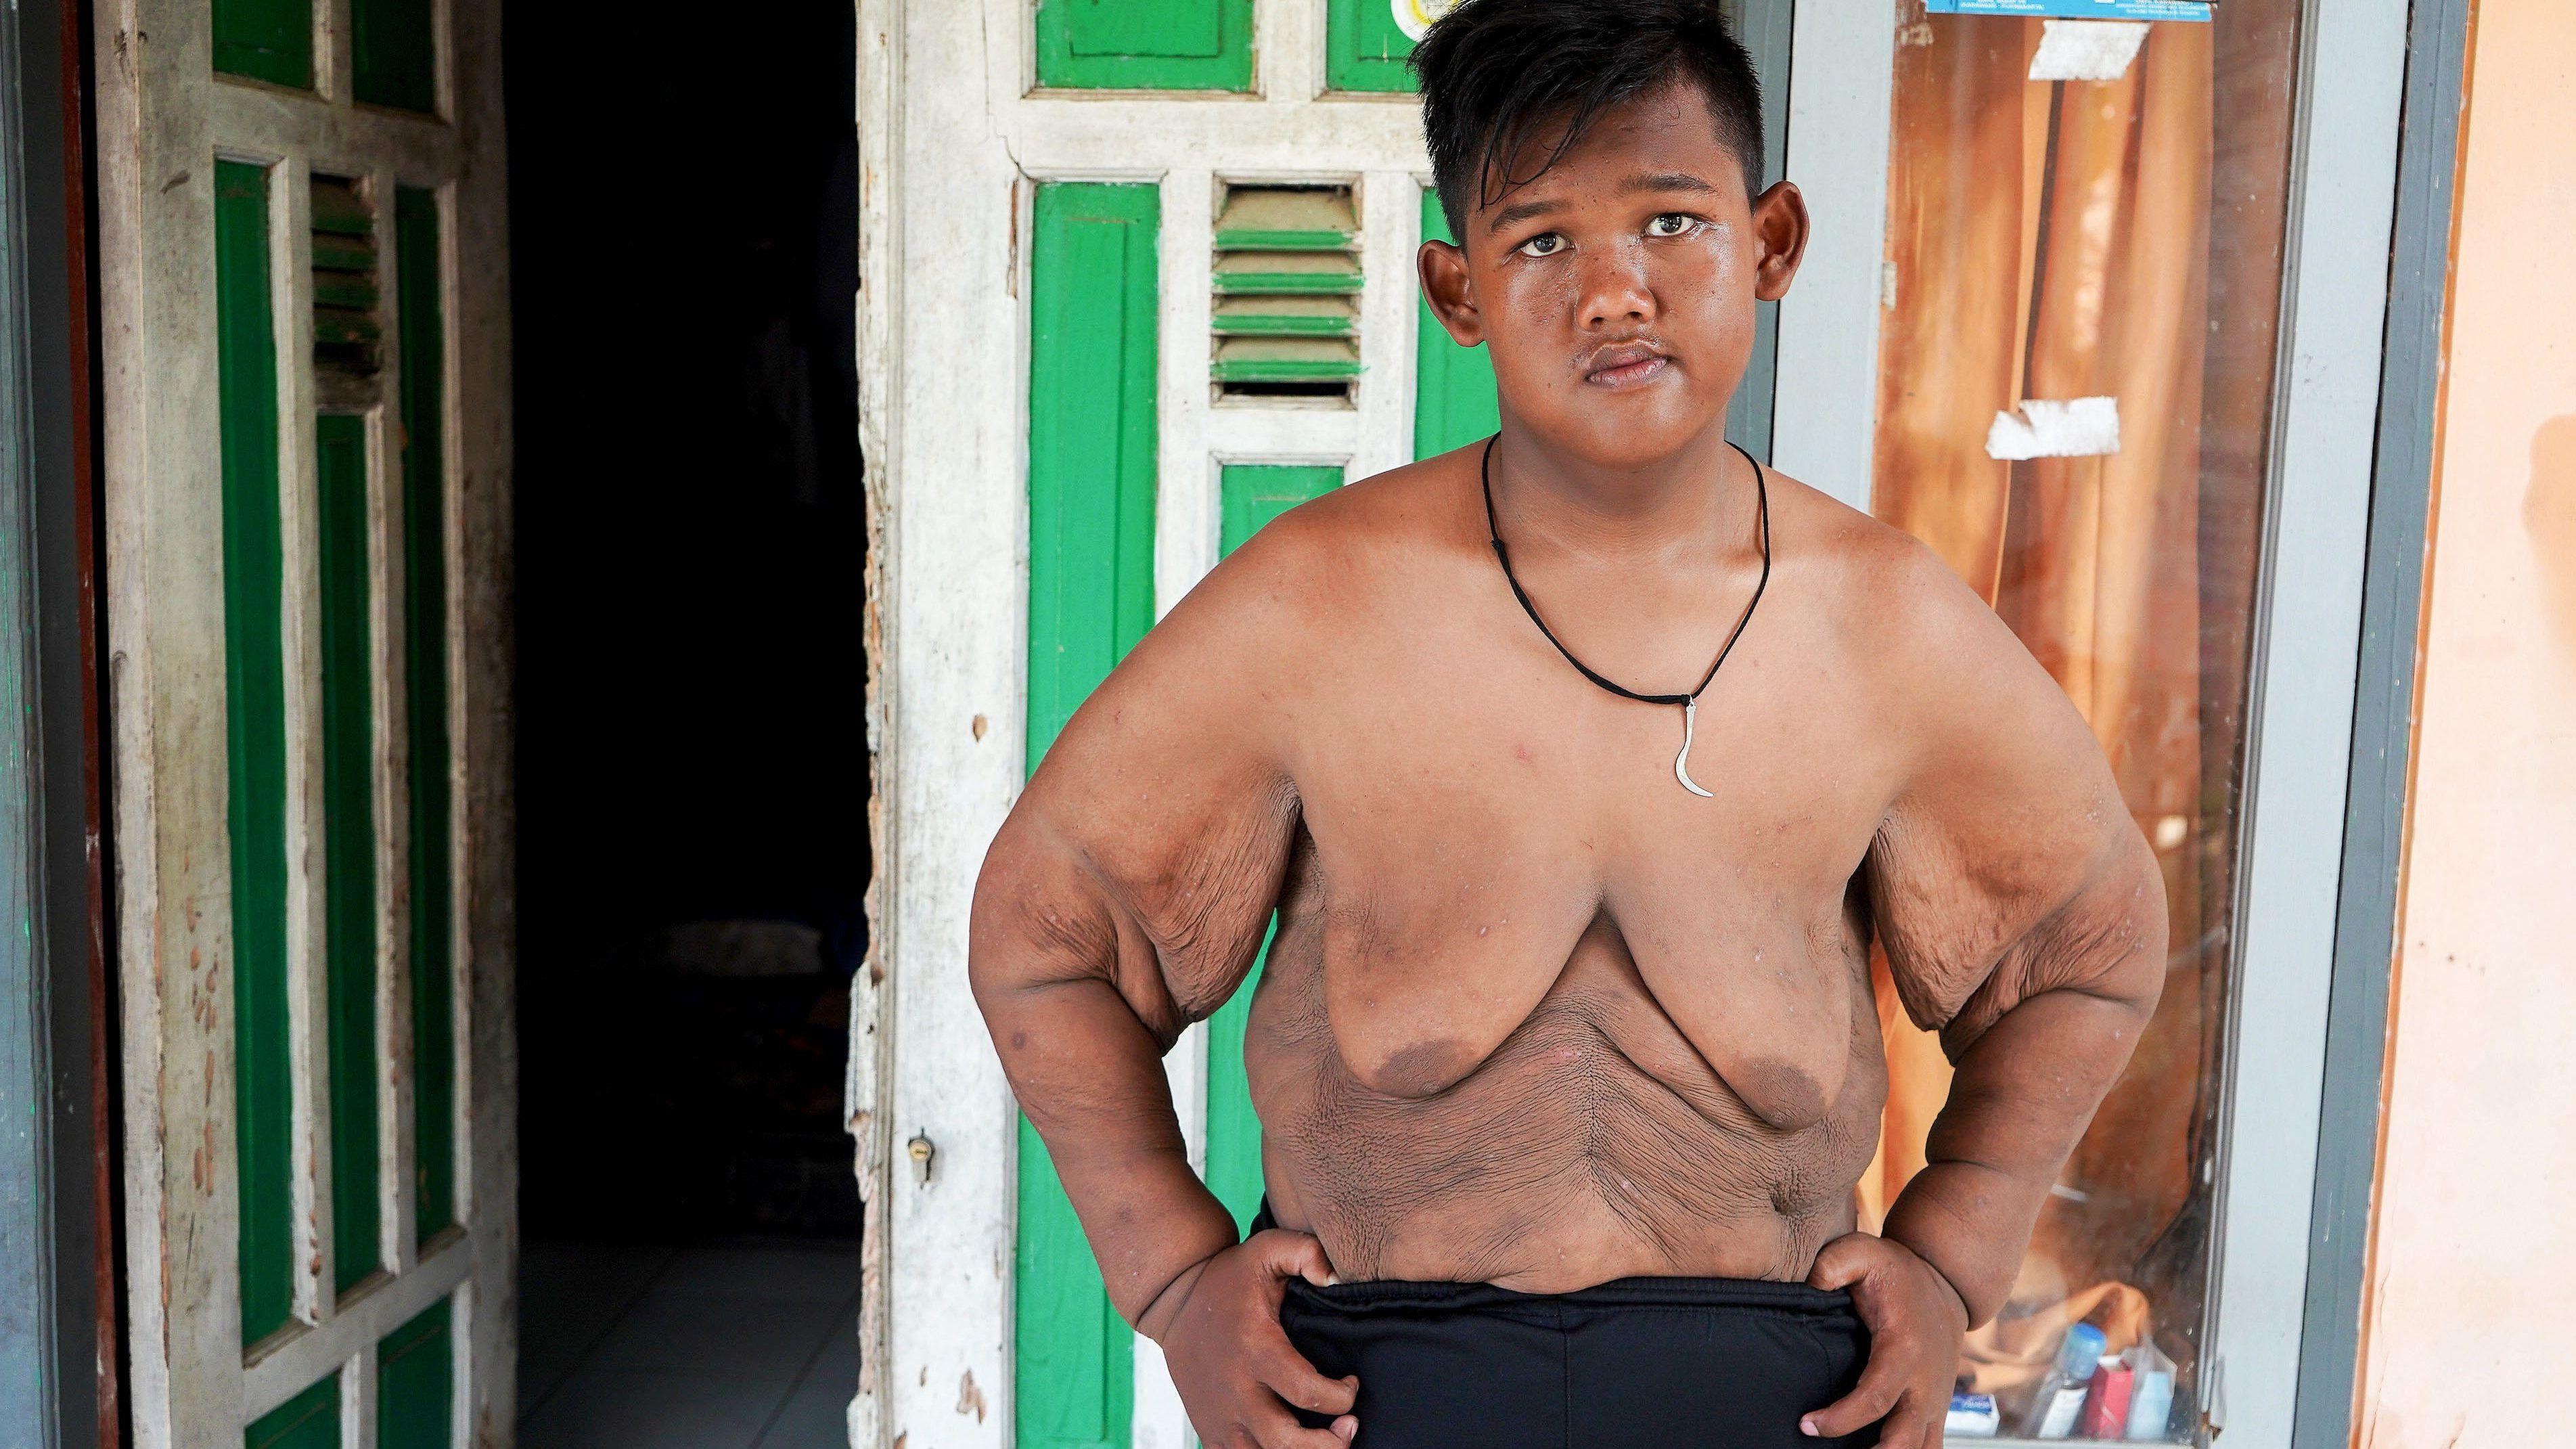 zsírégető maximális mekkora súlyt fog veszíteni hetente